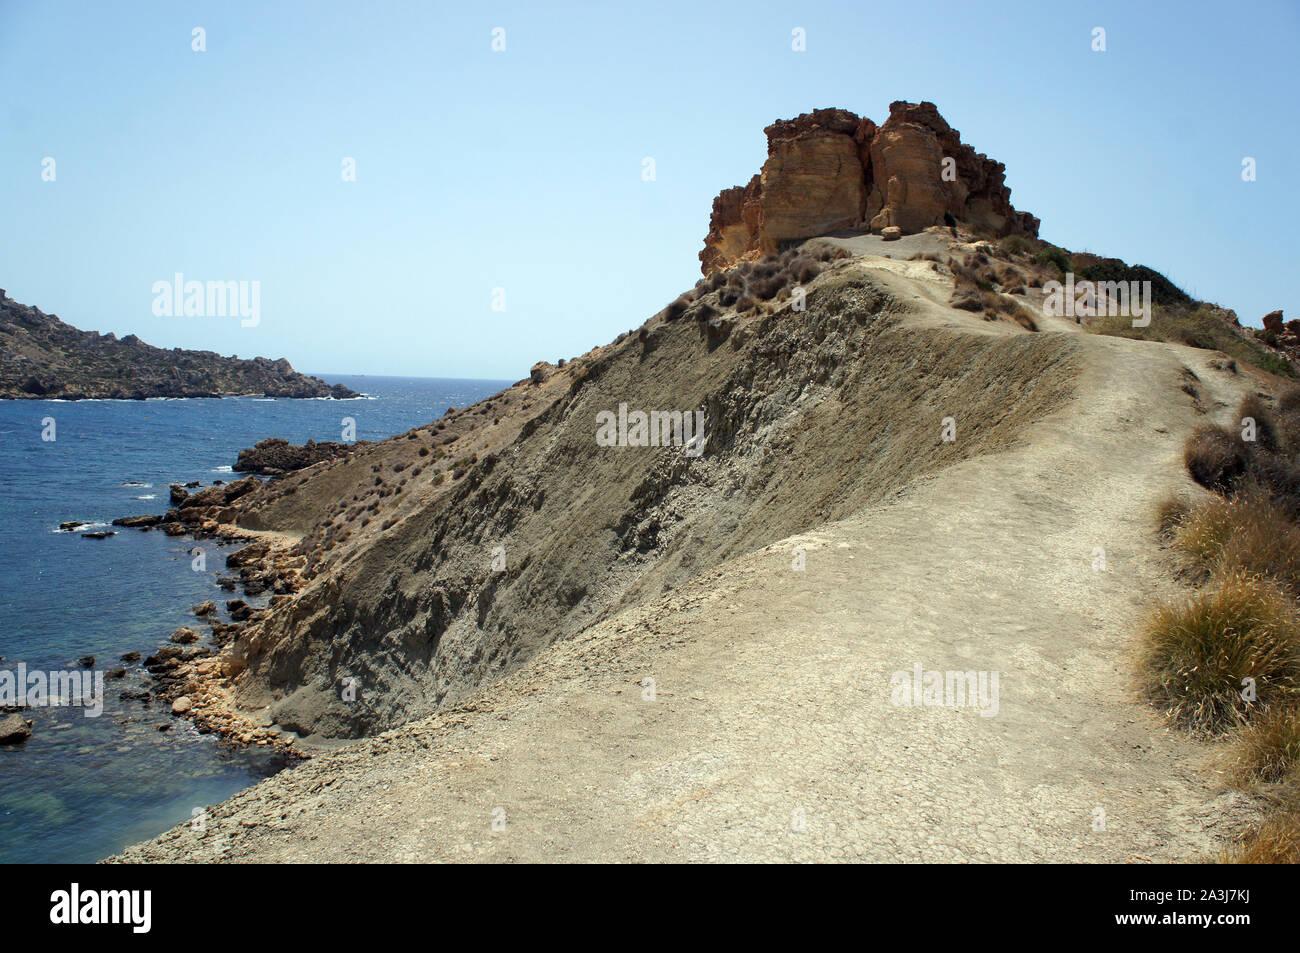 Panorama of Gnejna Bay shore, Golden Bay, Malta Stock Photo